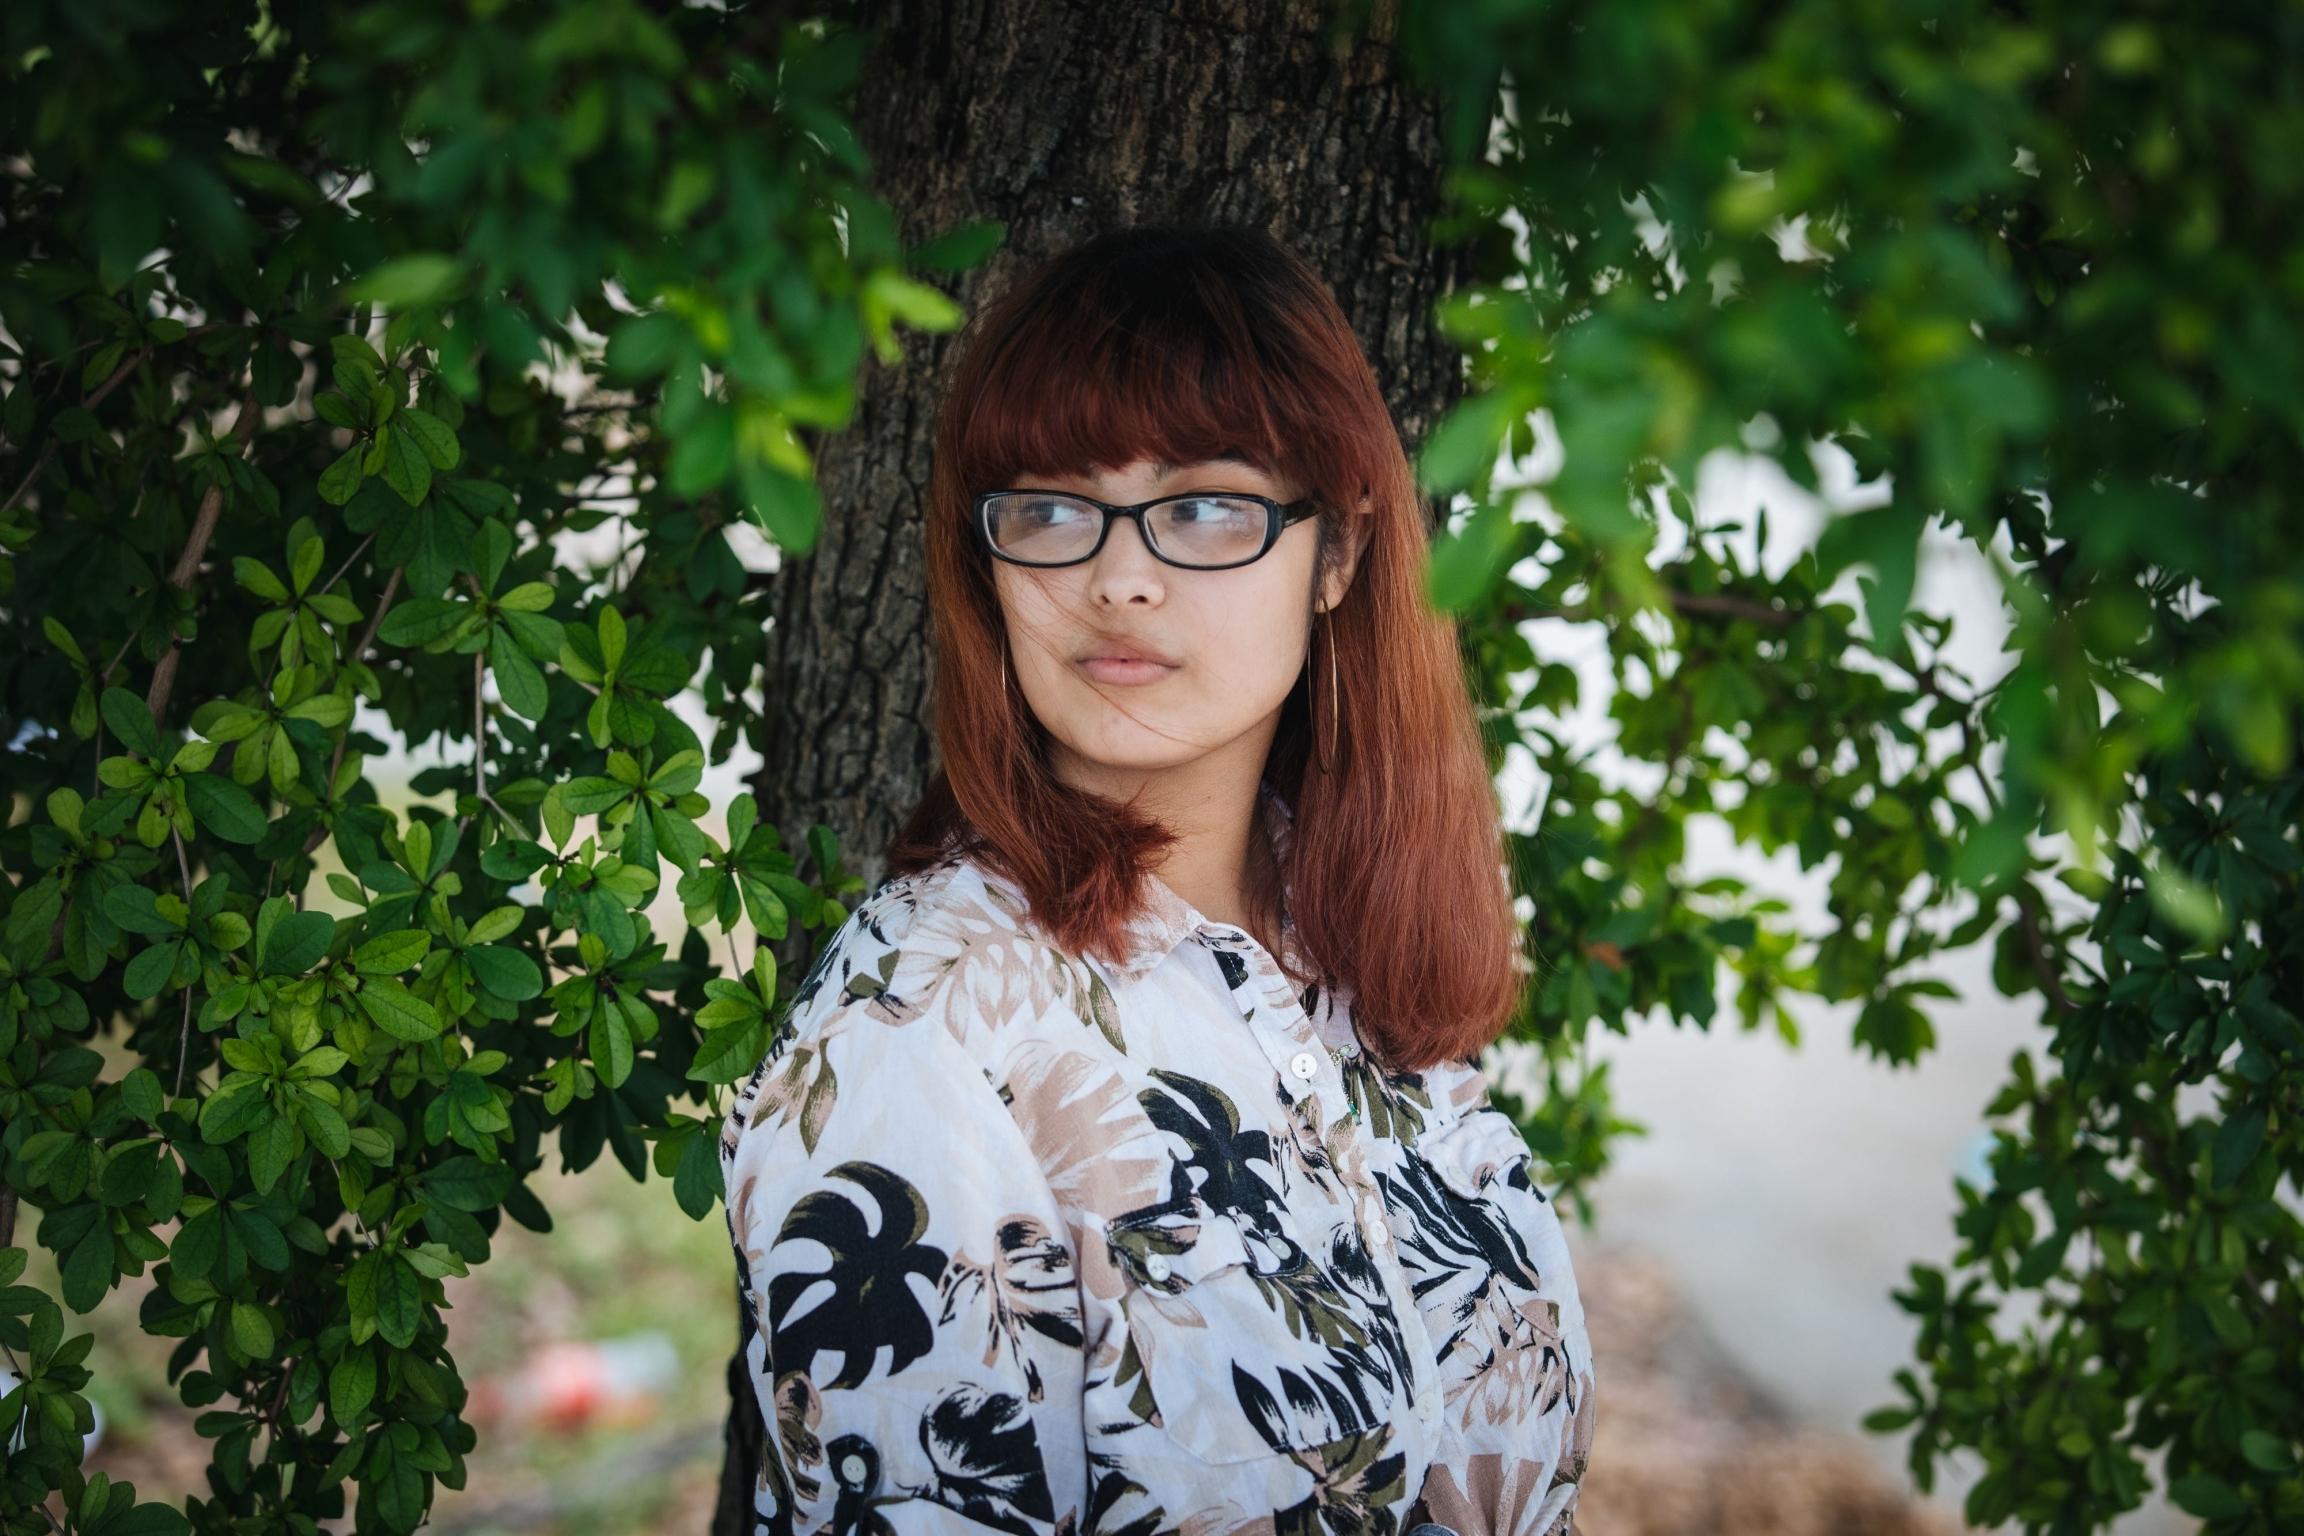 Una persona joven vestida con una camisa blanca posa para una foto.